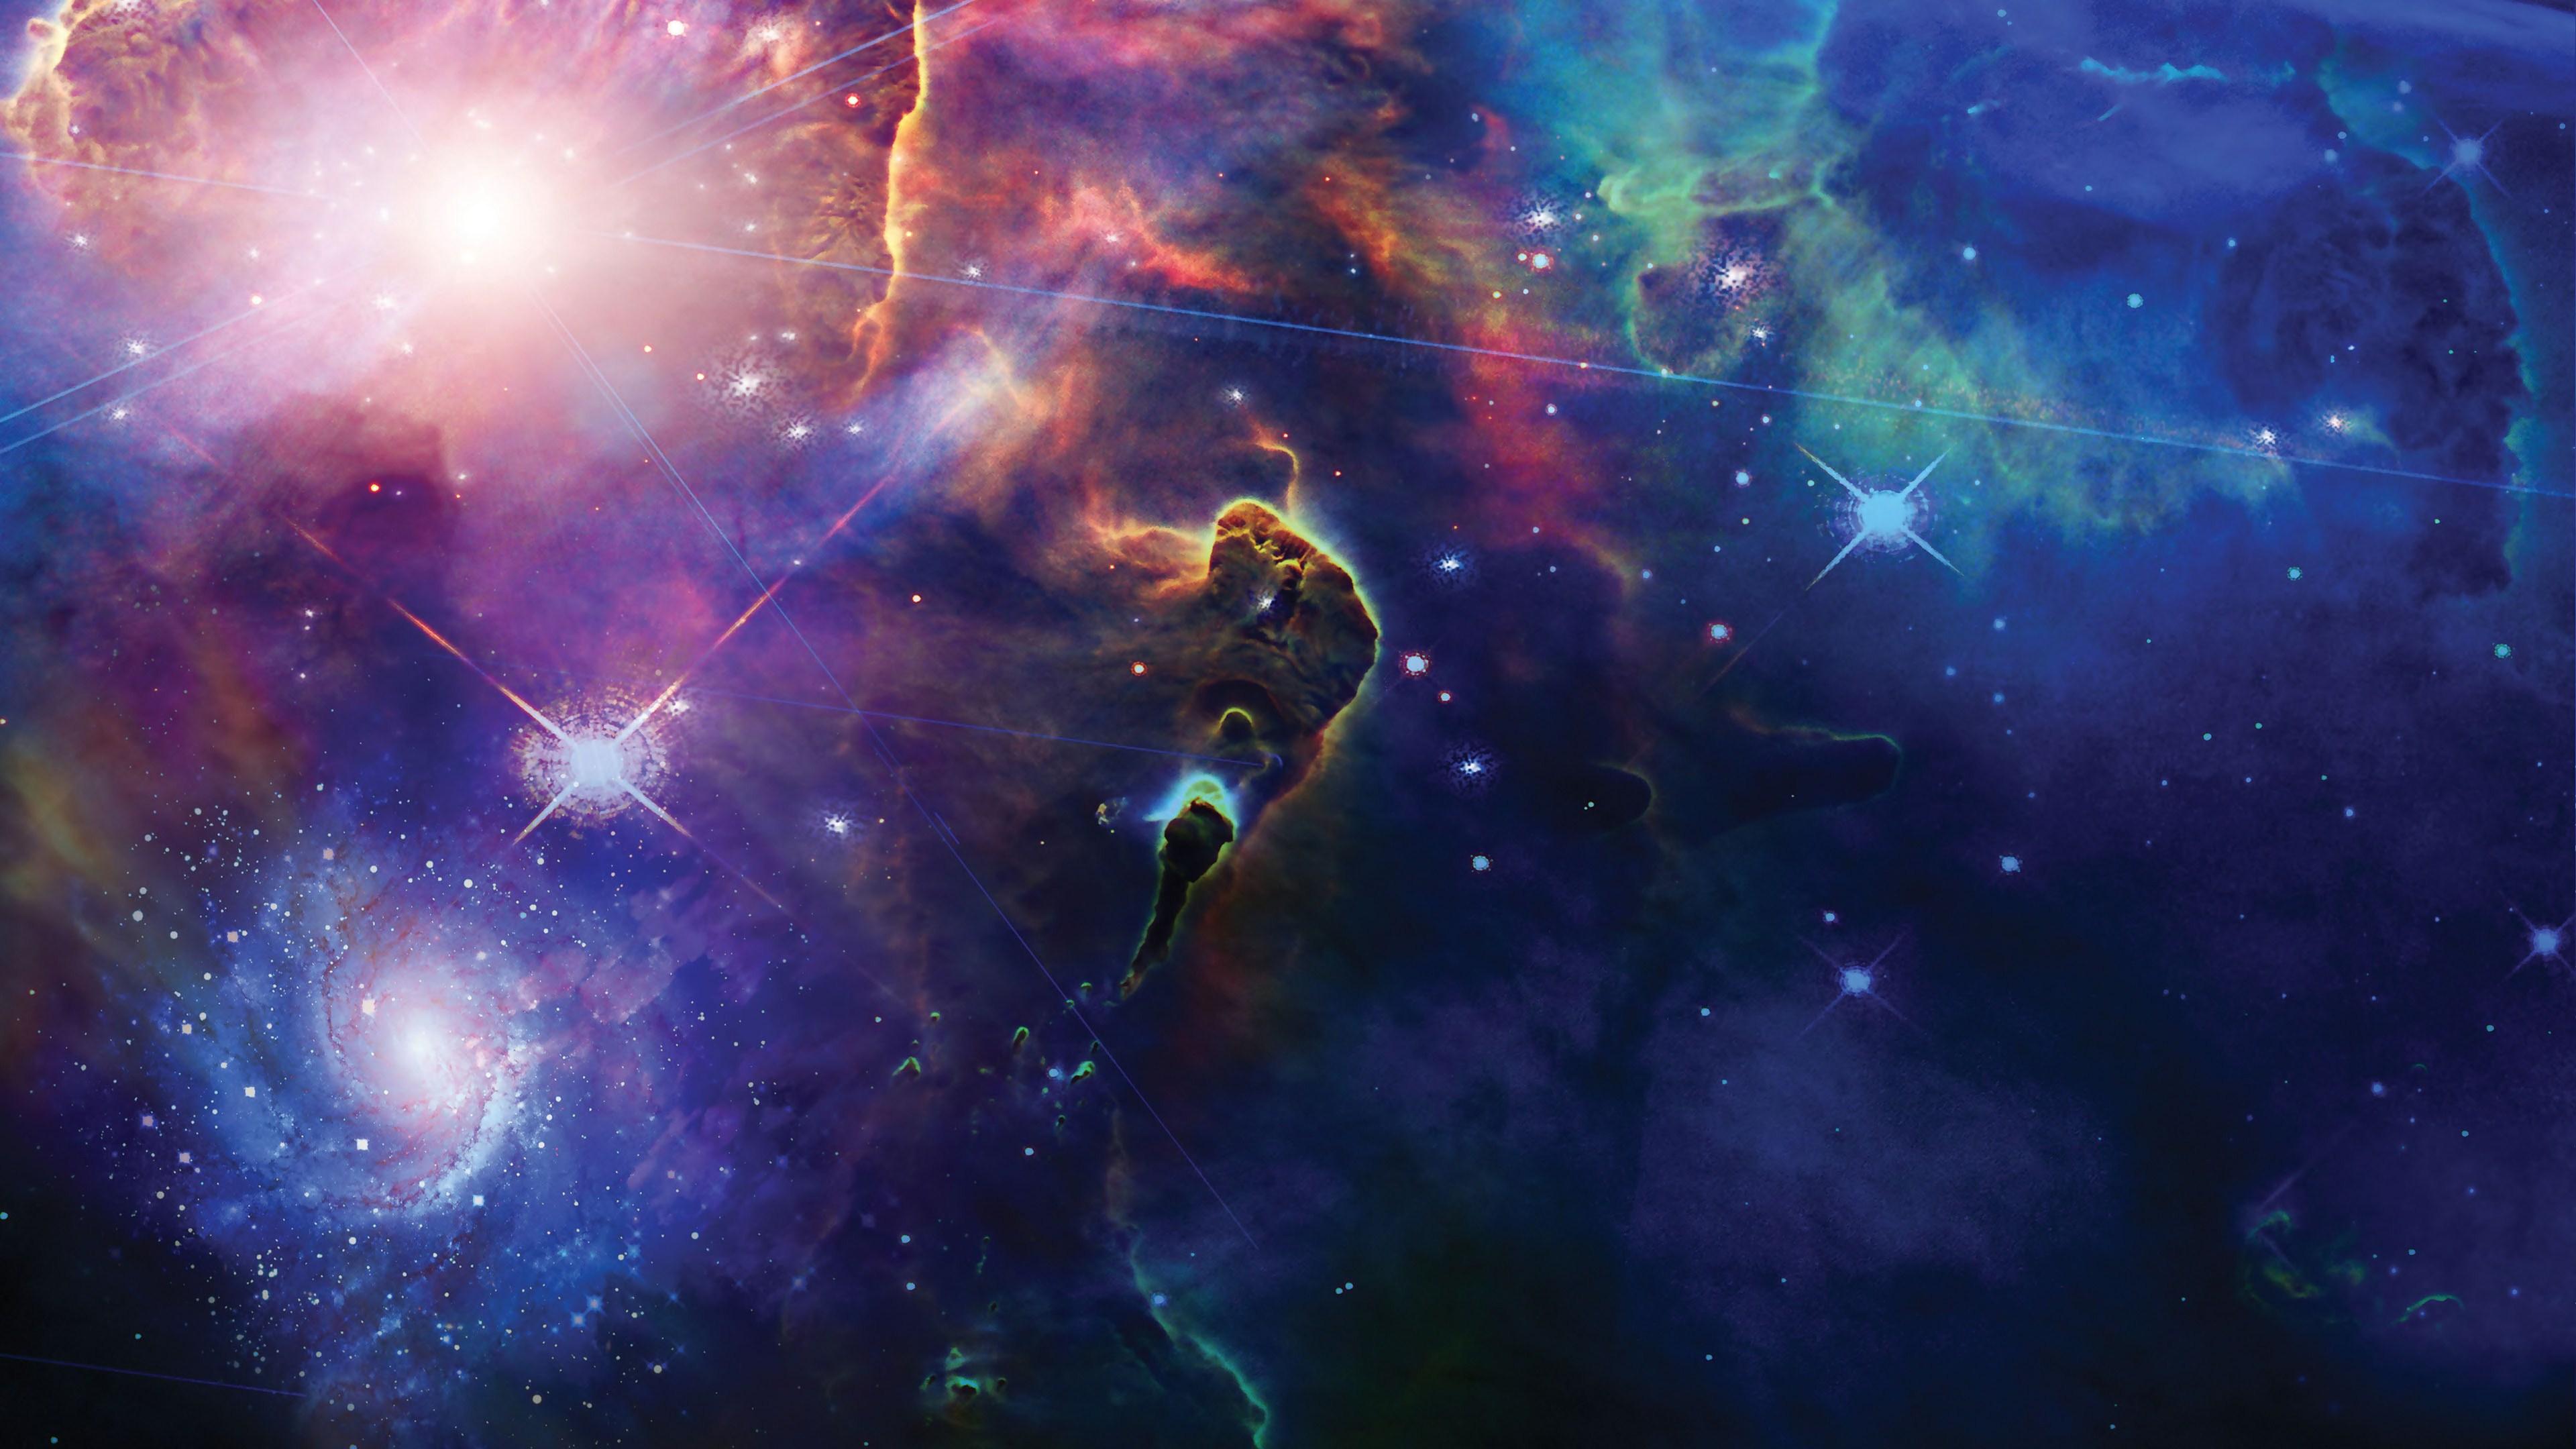 4K Nebula (page 3) - Pics about space